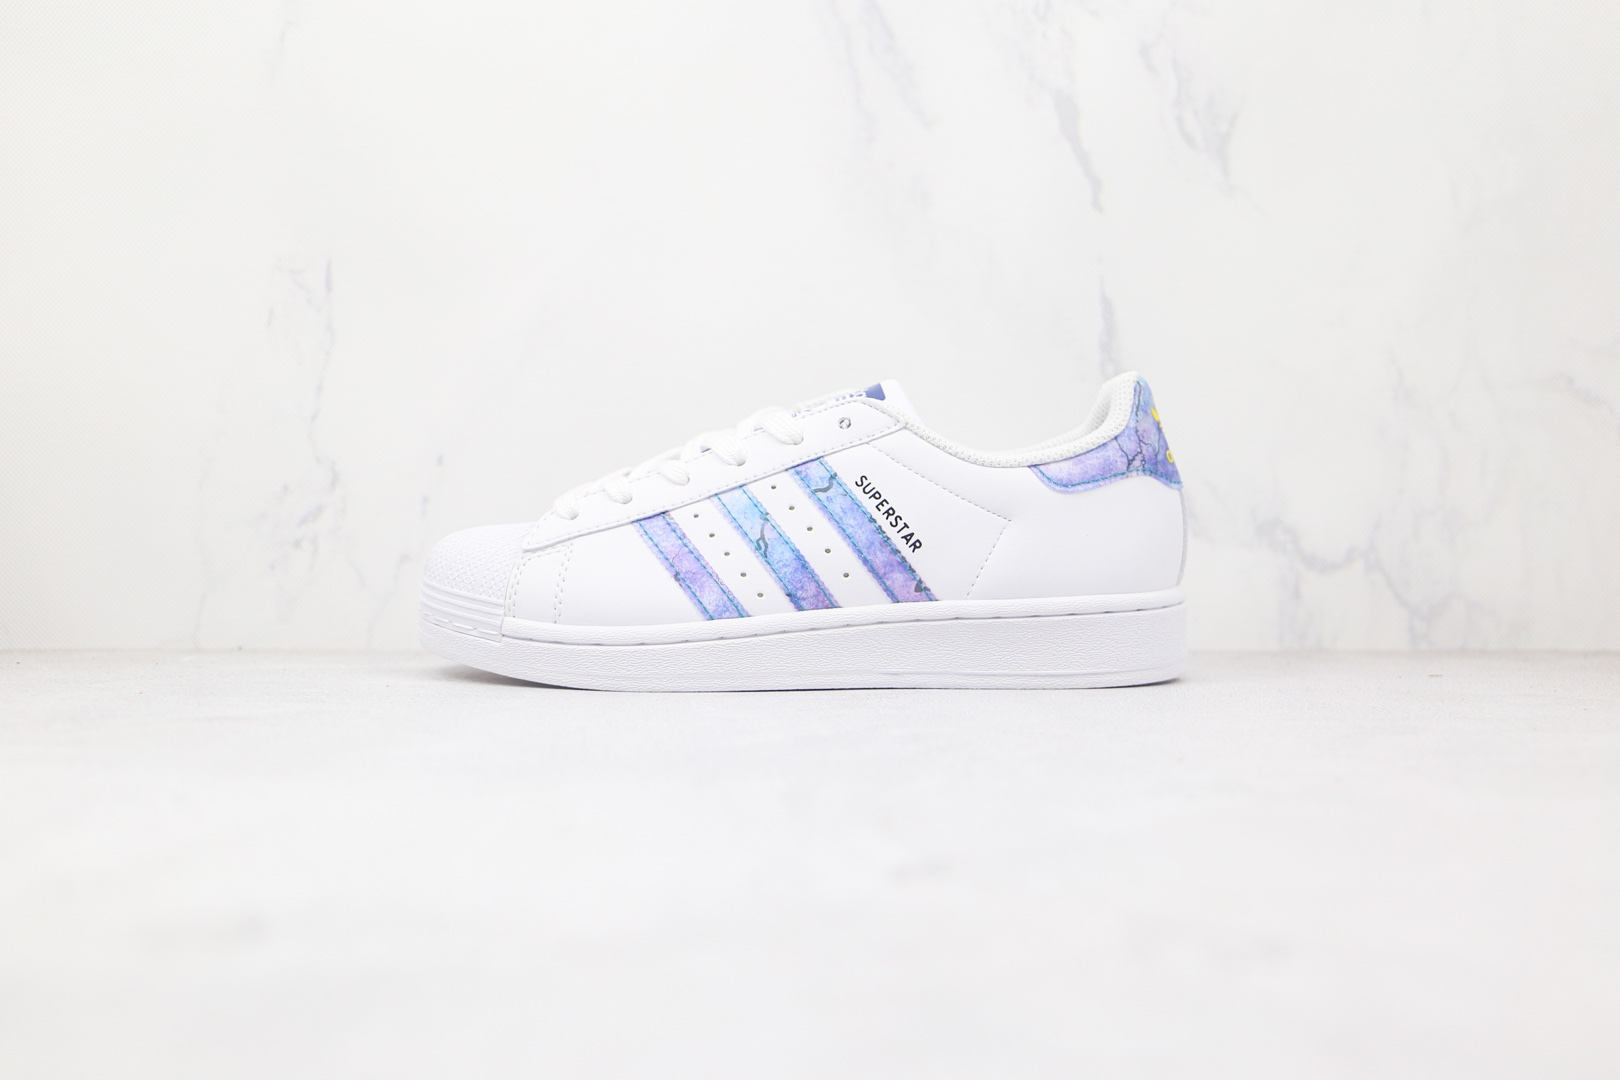 阿迪达斯adidas Superstar Abalone纯原版本三叶草贝壳头白蓝紫色蓝绿紫渐变激光镭射板鞋原档案数据开发 货号:GZ5217